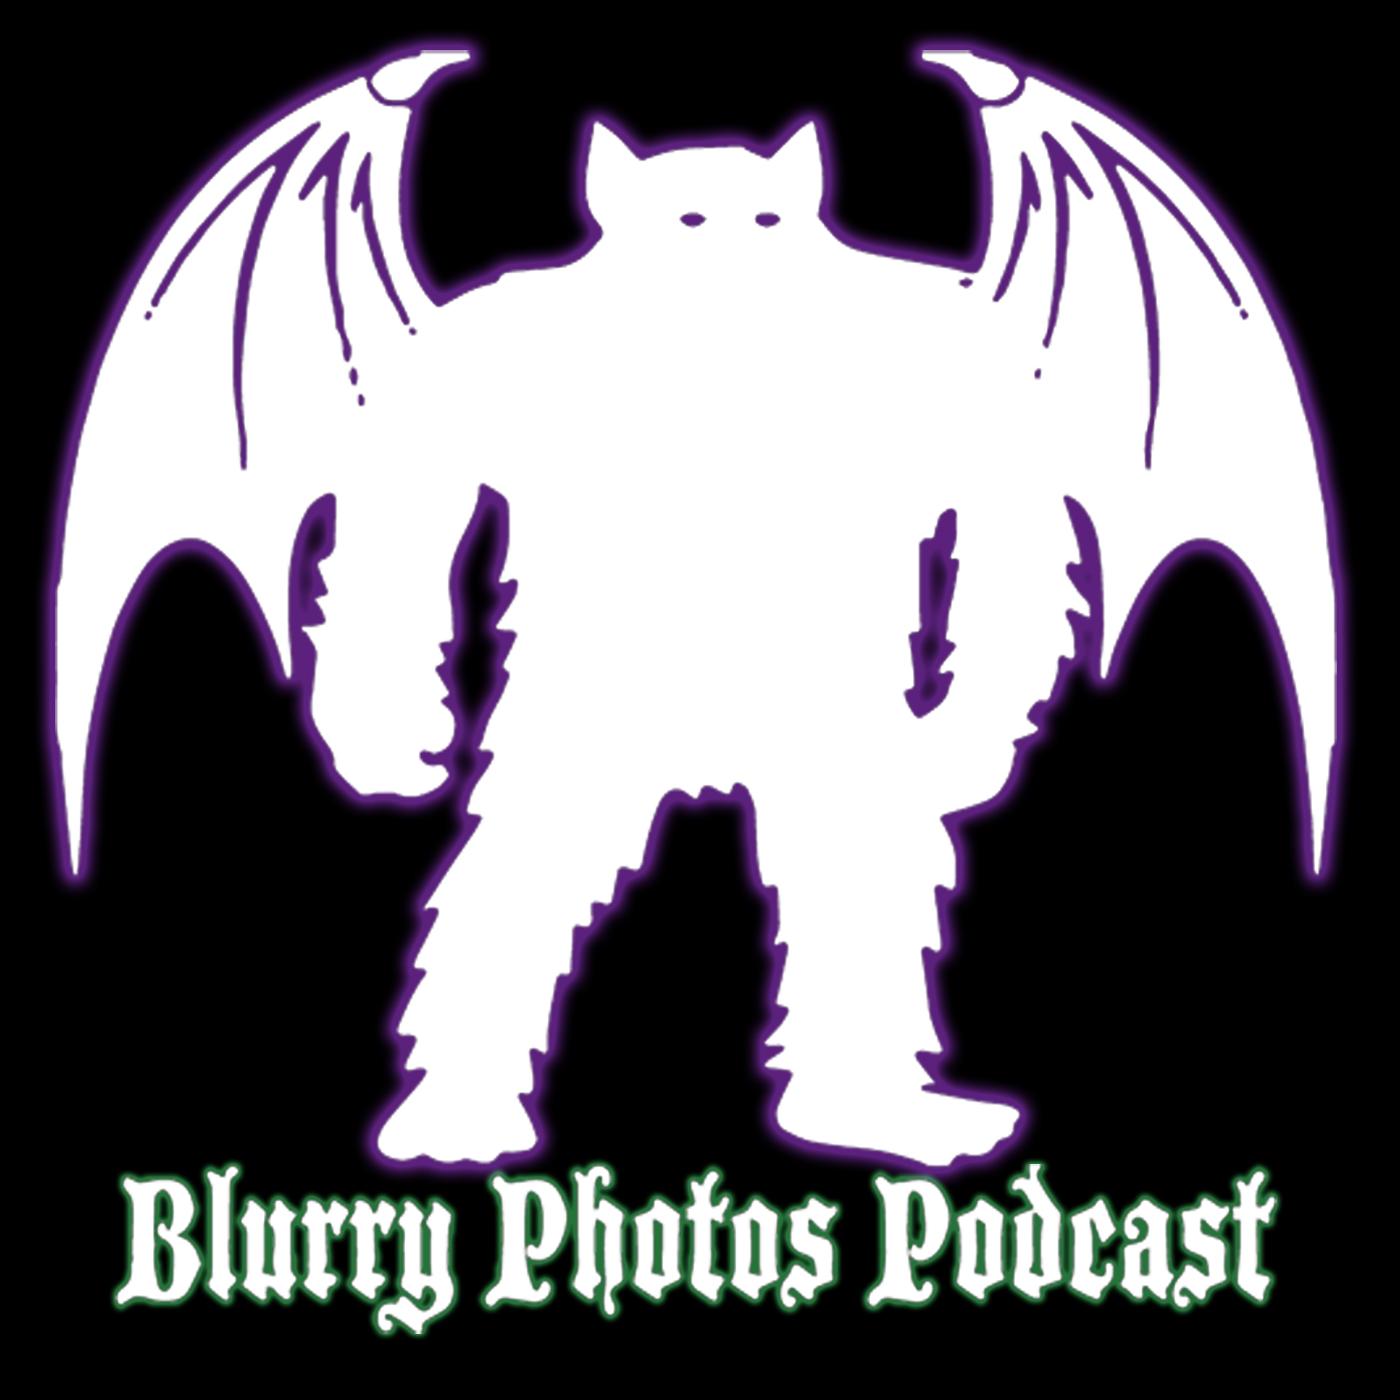 Blurry Photos by Dark Myths on Apple Podcasts